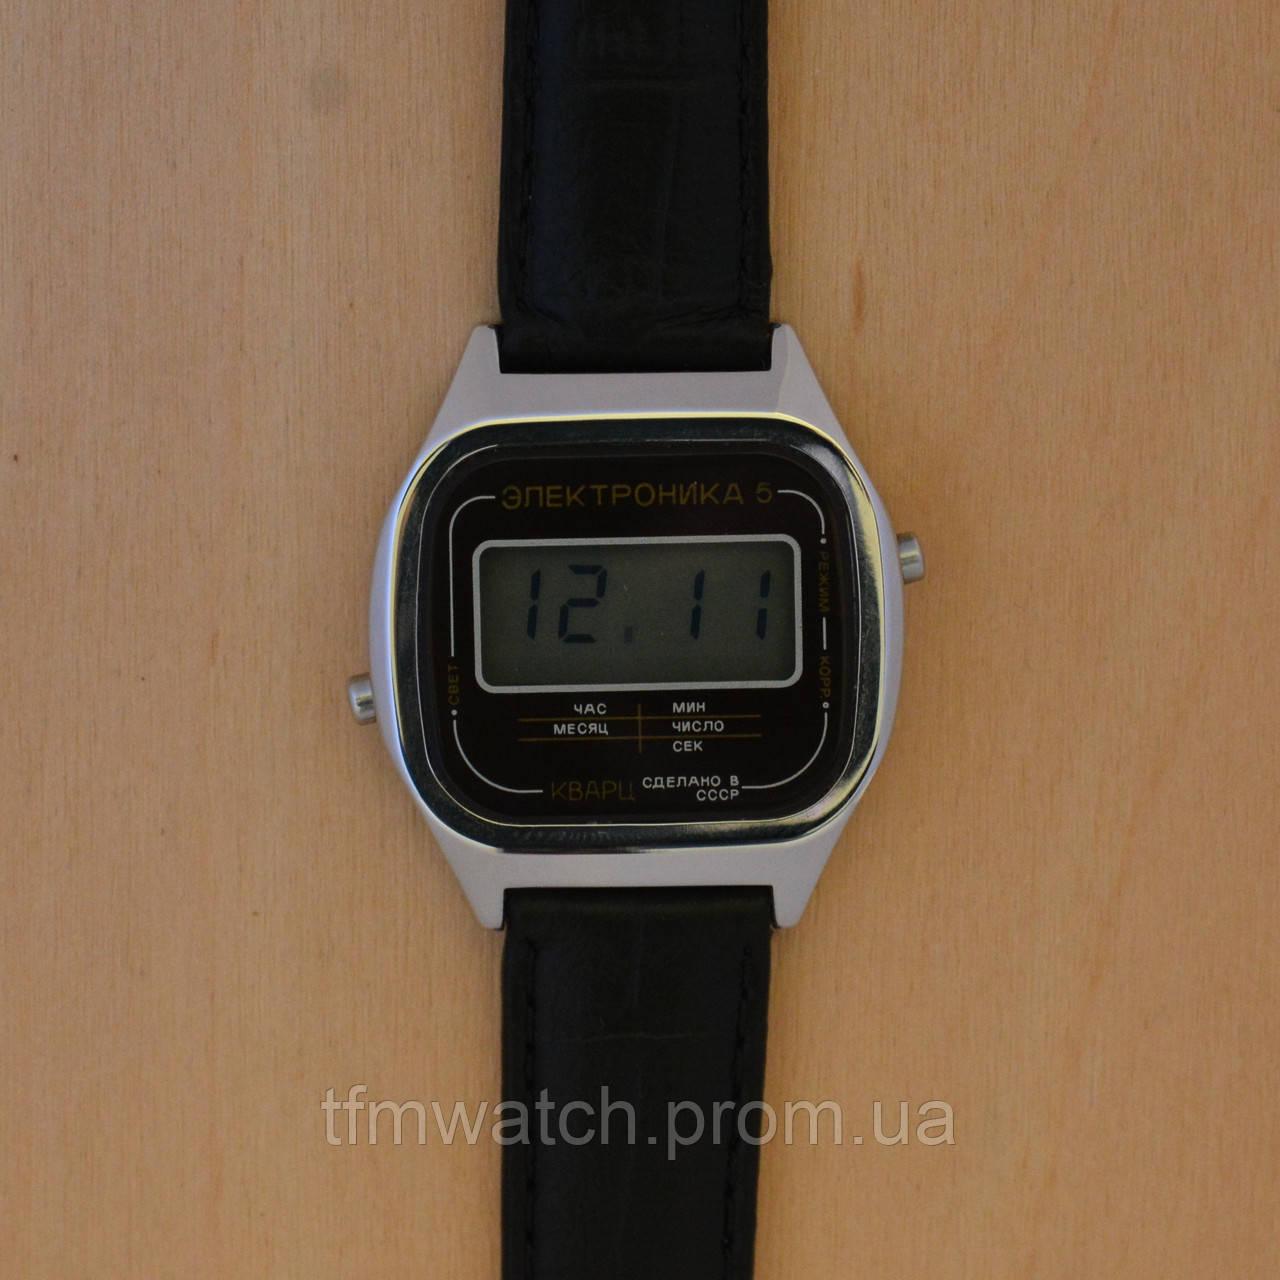 Часы 5 продать электроника одного часа обучения стоимость обучения